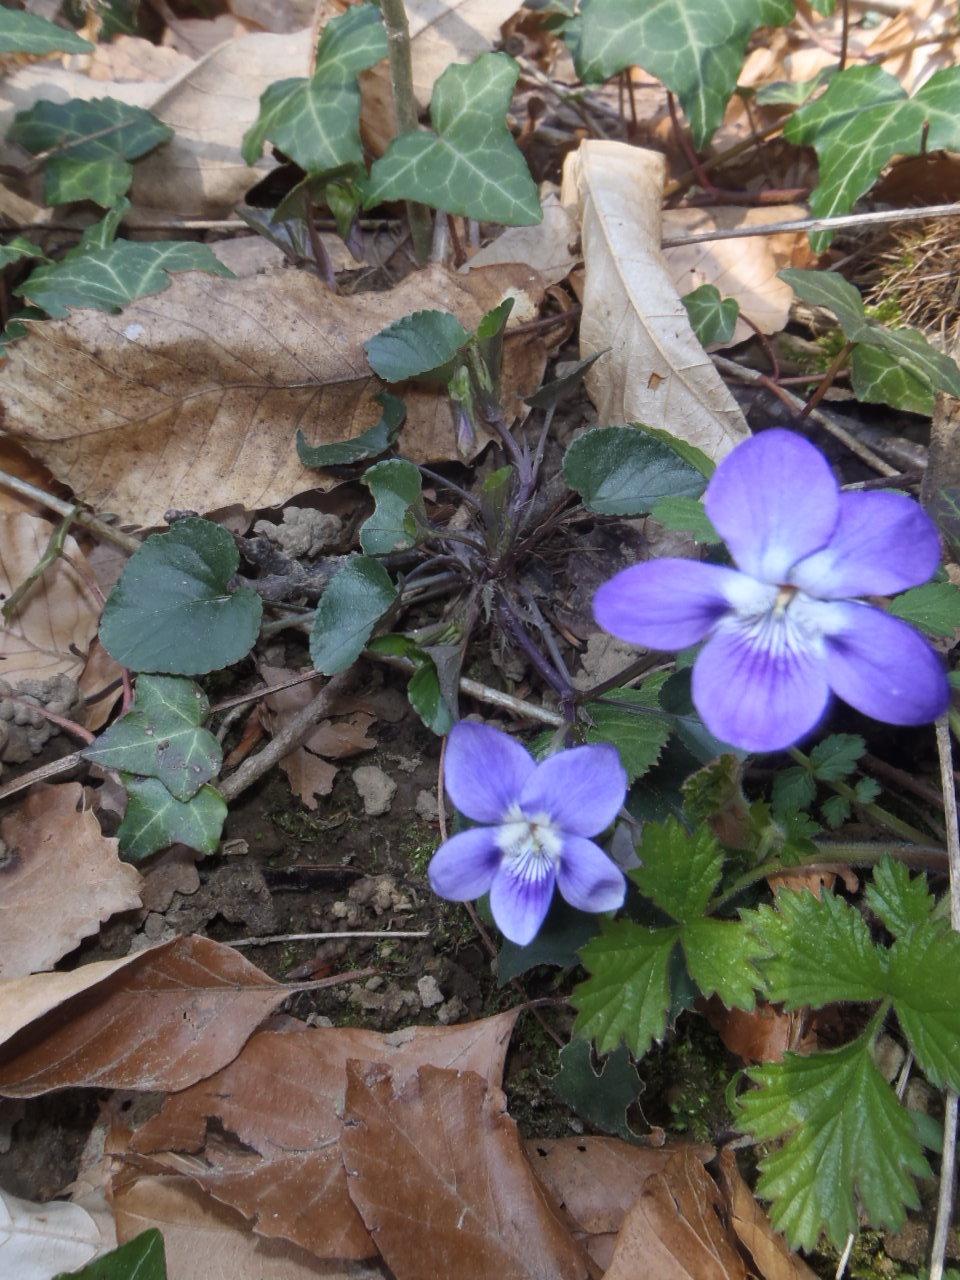 28 mars - balade à moins de 1 km de chez moi Violet10